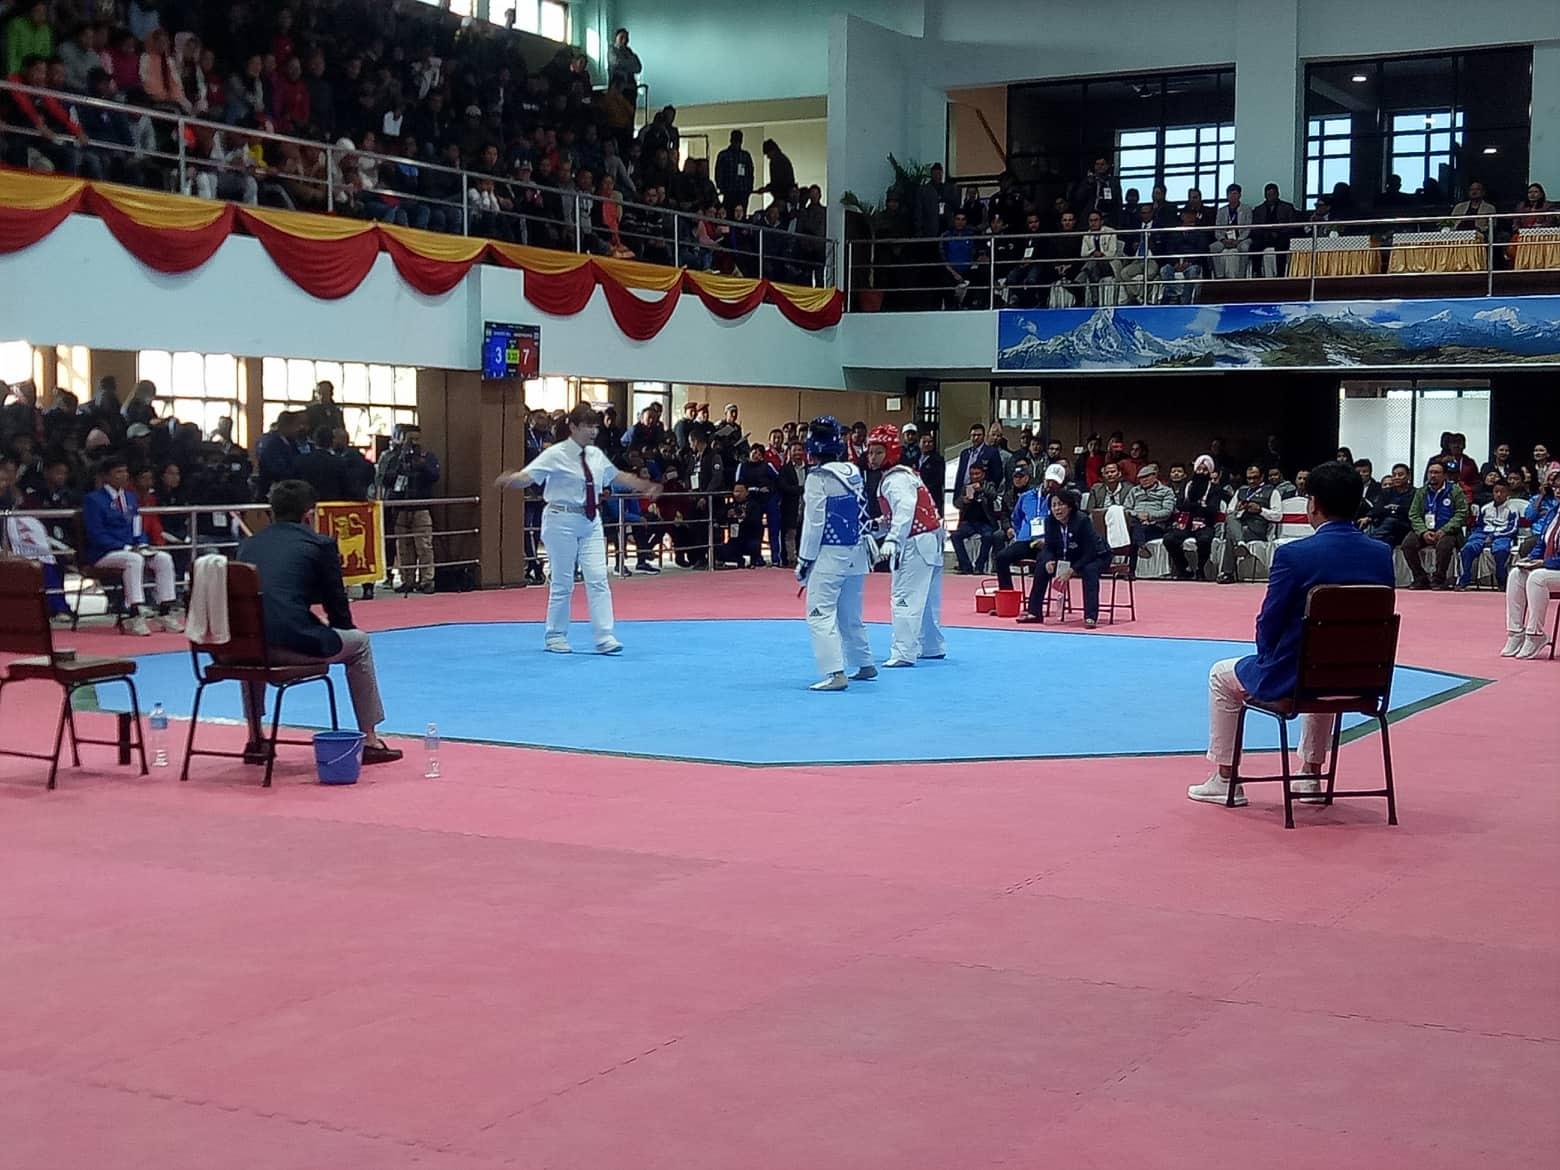 काठमाडौं जिल्लाले २०० खेलाडीकाे कोरोना बीमा गर्ने